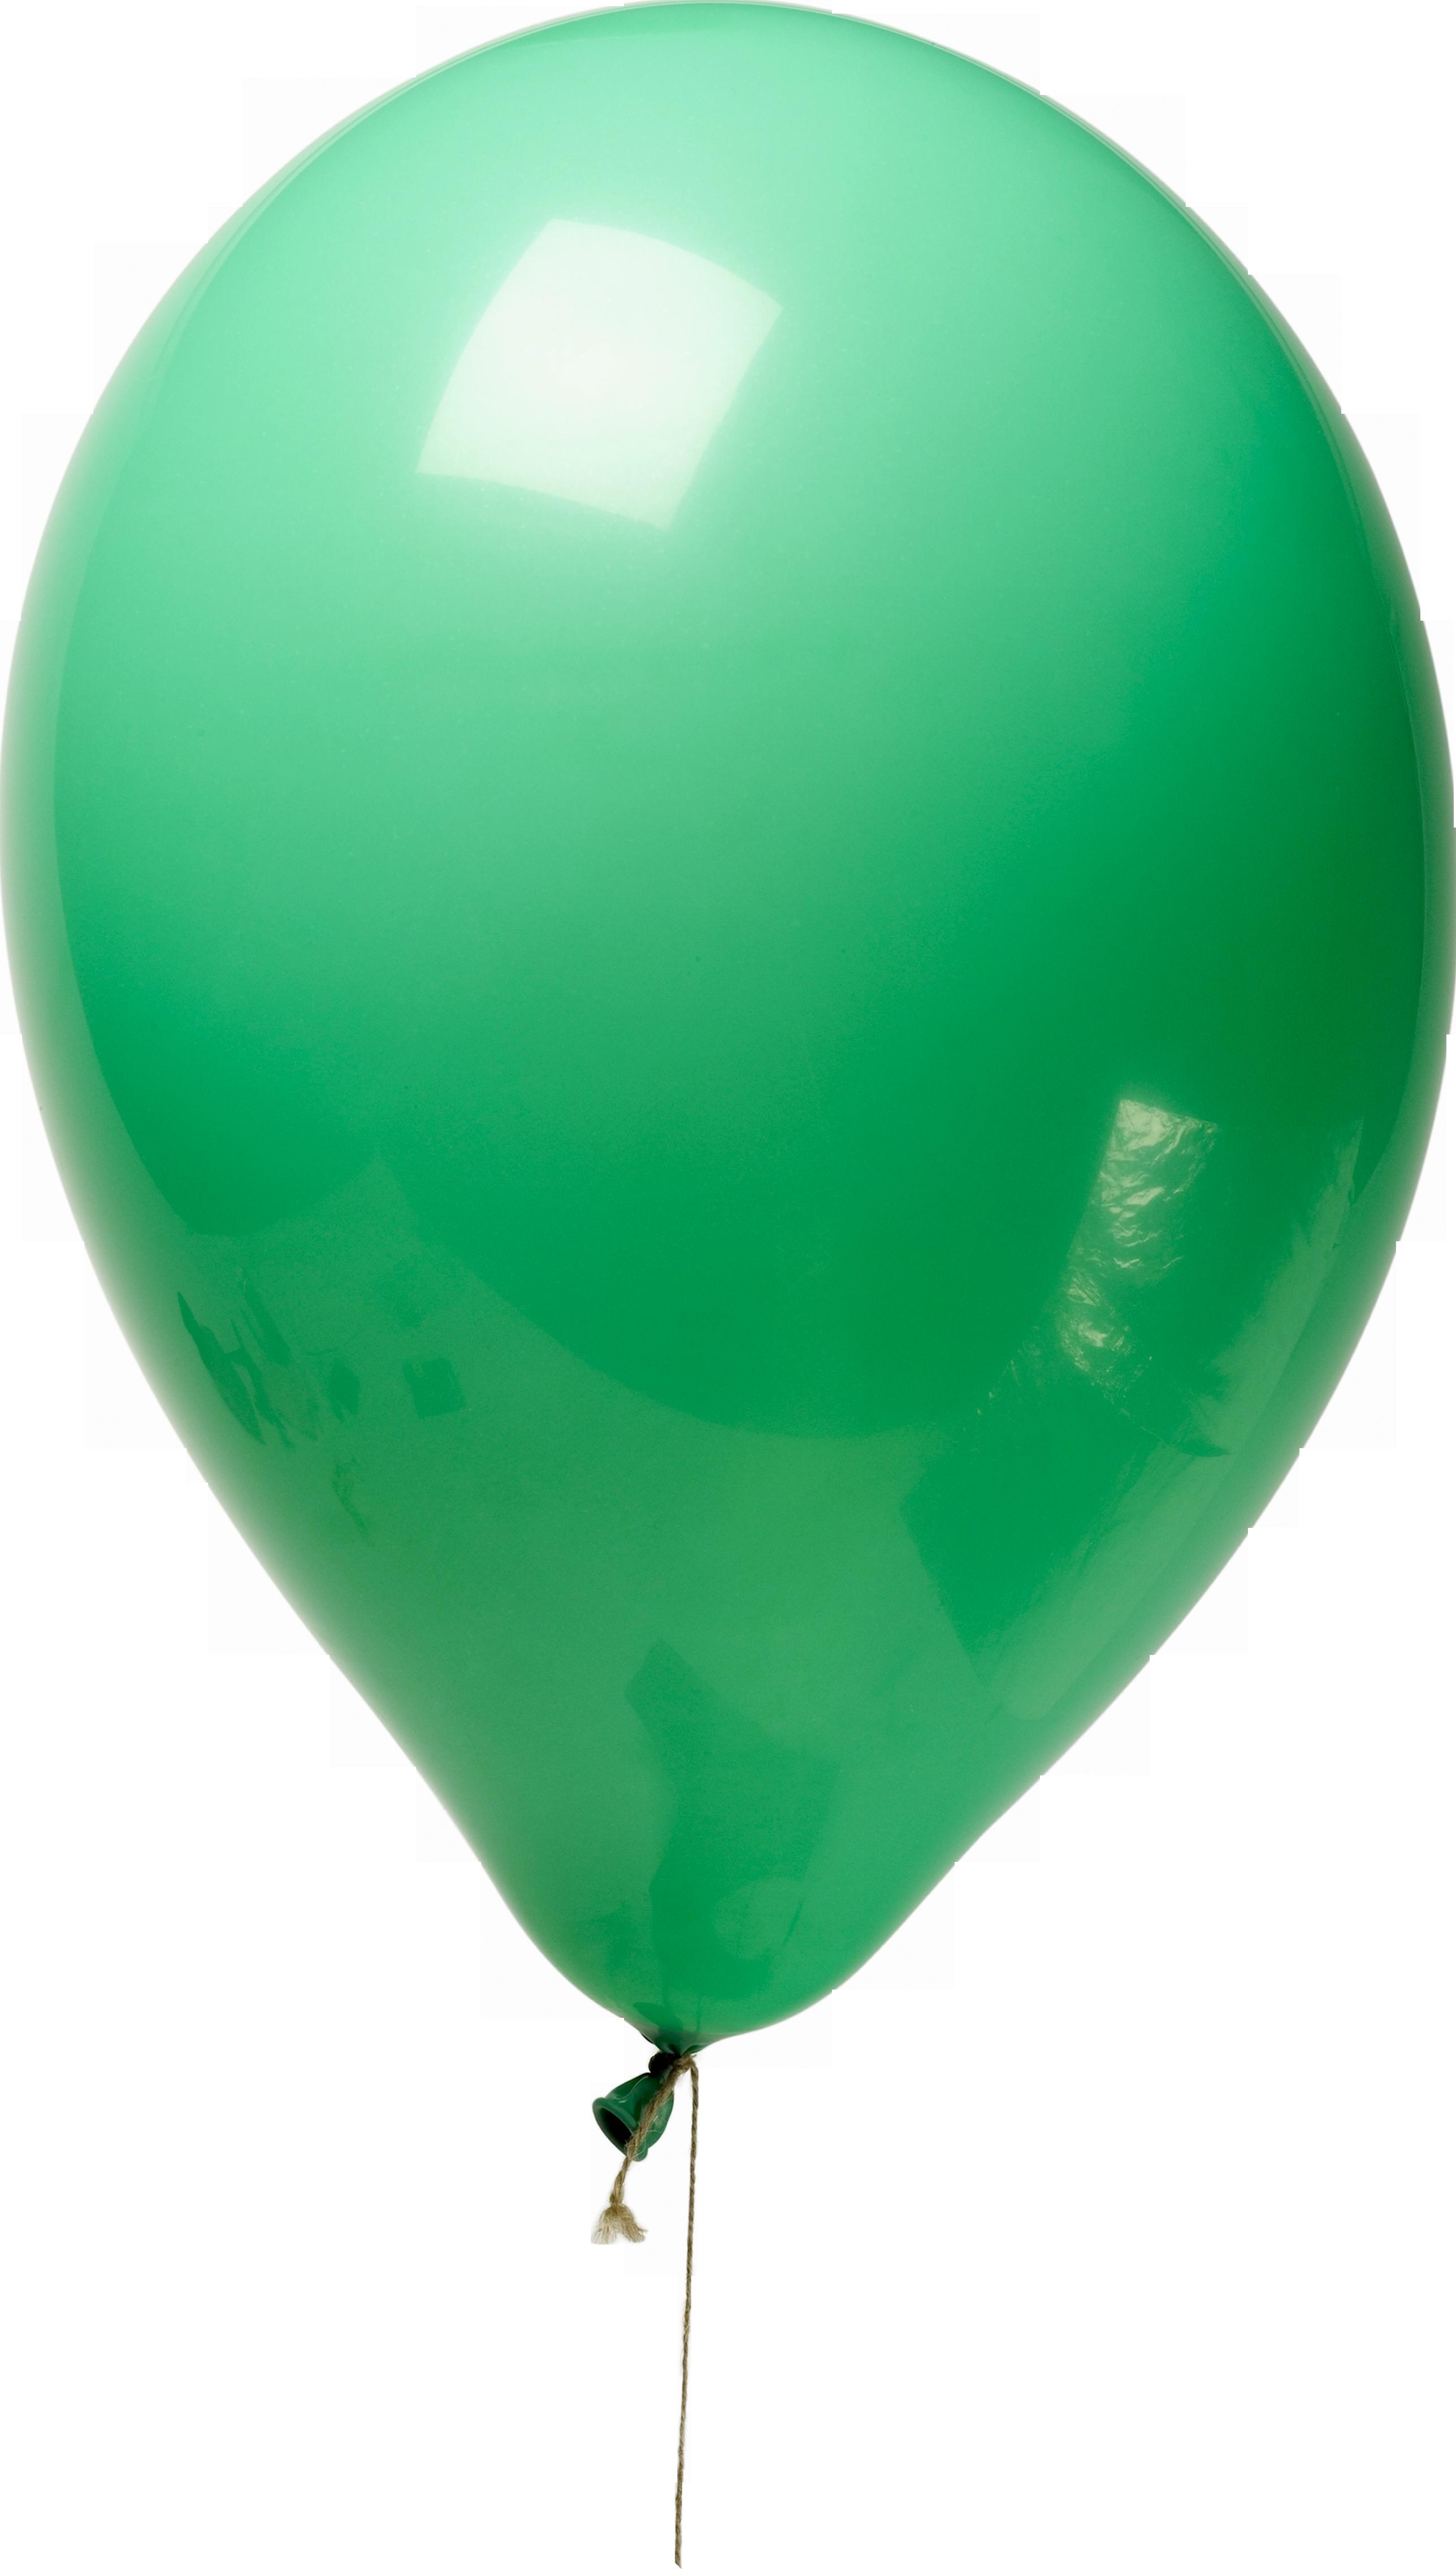 Зеленый воздушный шарики PNG фото